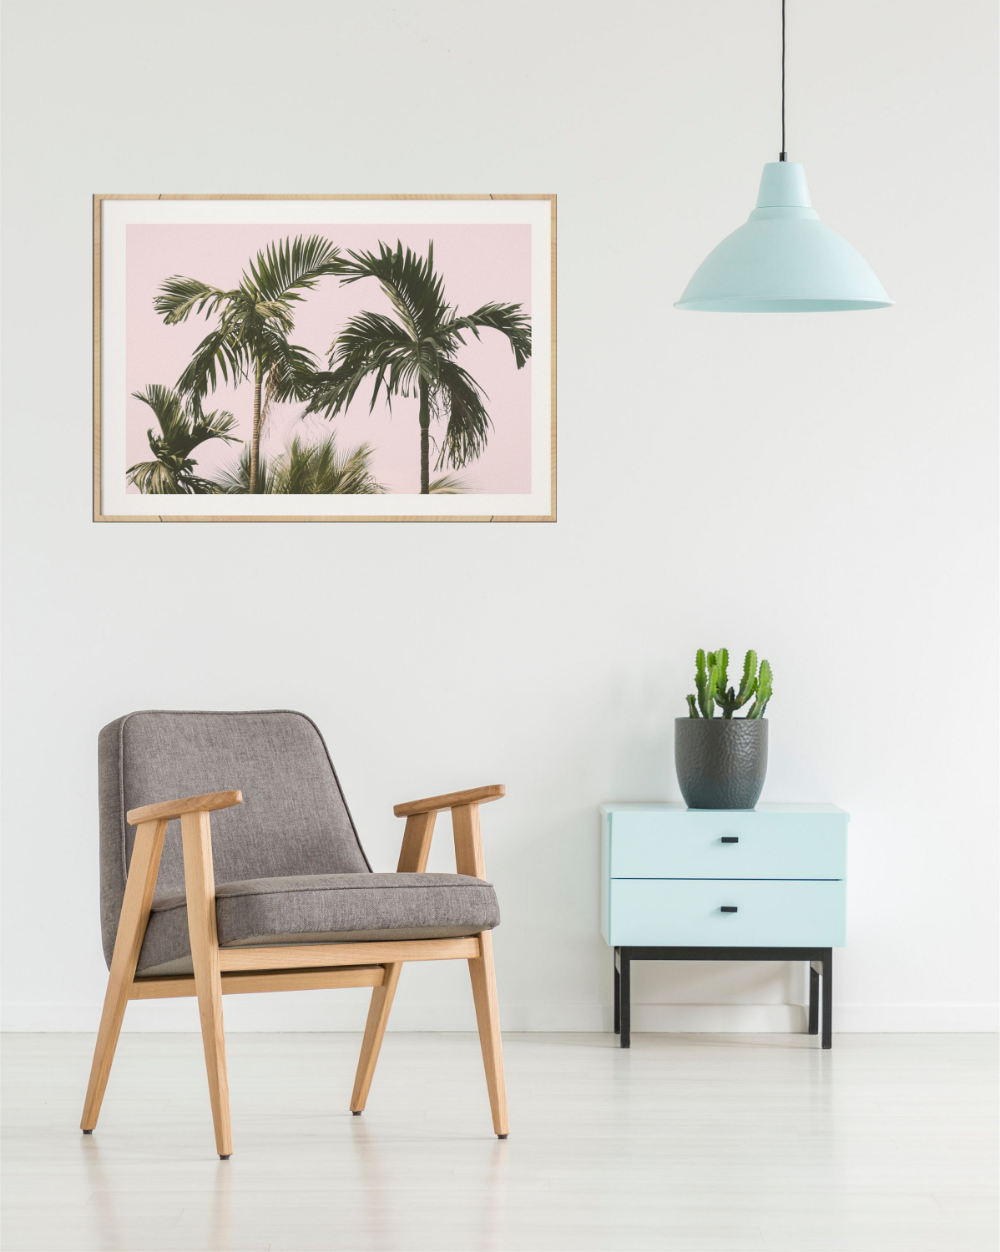 Palmera Descarga Digital Decoracion De La Playa Hawaii Decoracion Decoracion Tropical Arte Imprimible Regalo Decoracion Del Hogar Art En 2020 Decoracion De Unas Decoracion Hogar Decoracion Tropical